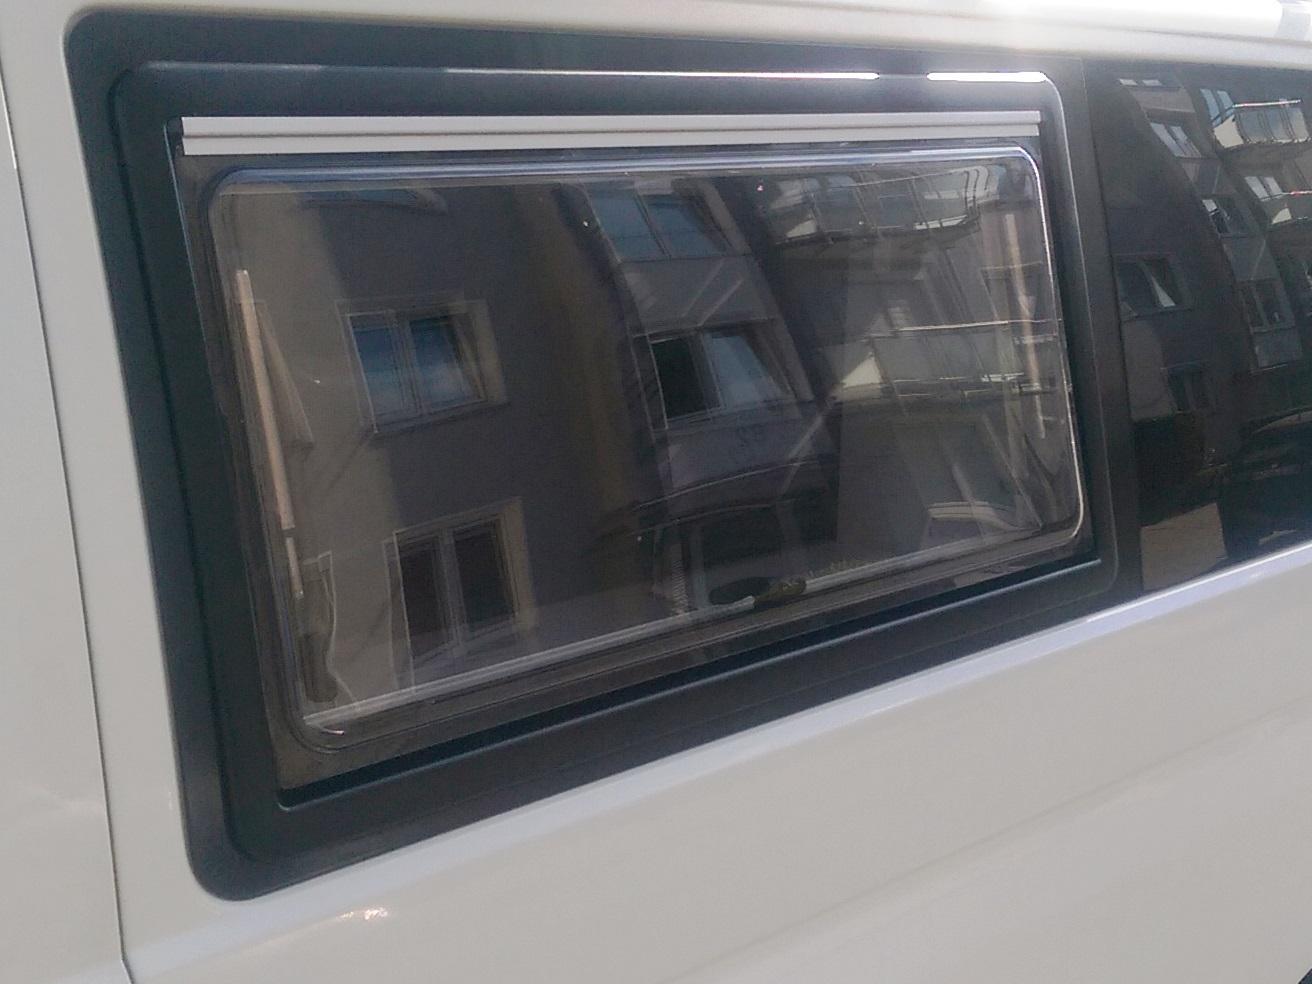 Full Size of Verdunkelung Discarvery Vw T6 Camper Fenster Sichern Gegen Einbruch Klebefolie Rolladen Gardinen Plissee Schallschutz Veka Rc3 Insektenschutz Einbauen Neue Fenster Fenster Verdunkelung